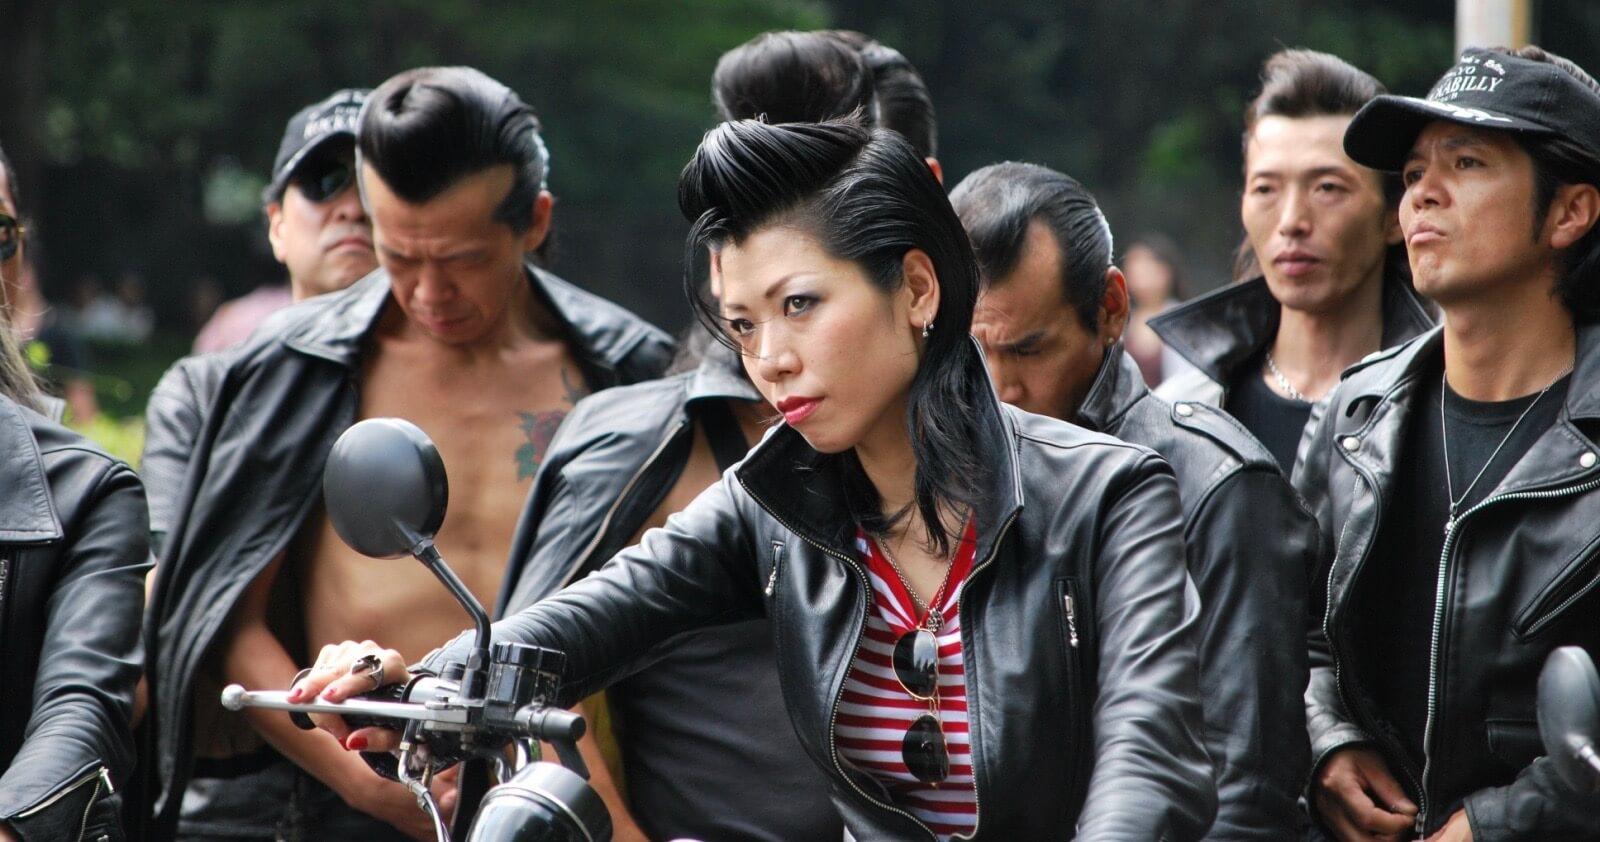 bandas de moteros japonesas - bosozoku! - gentleman's pride